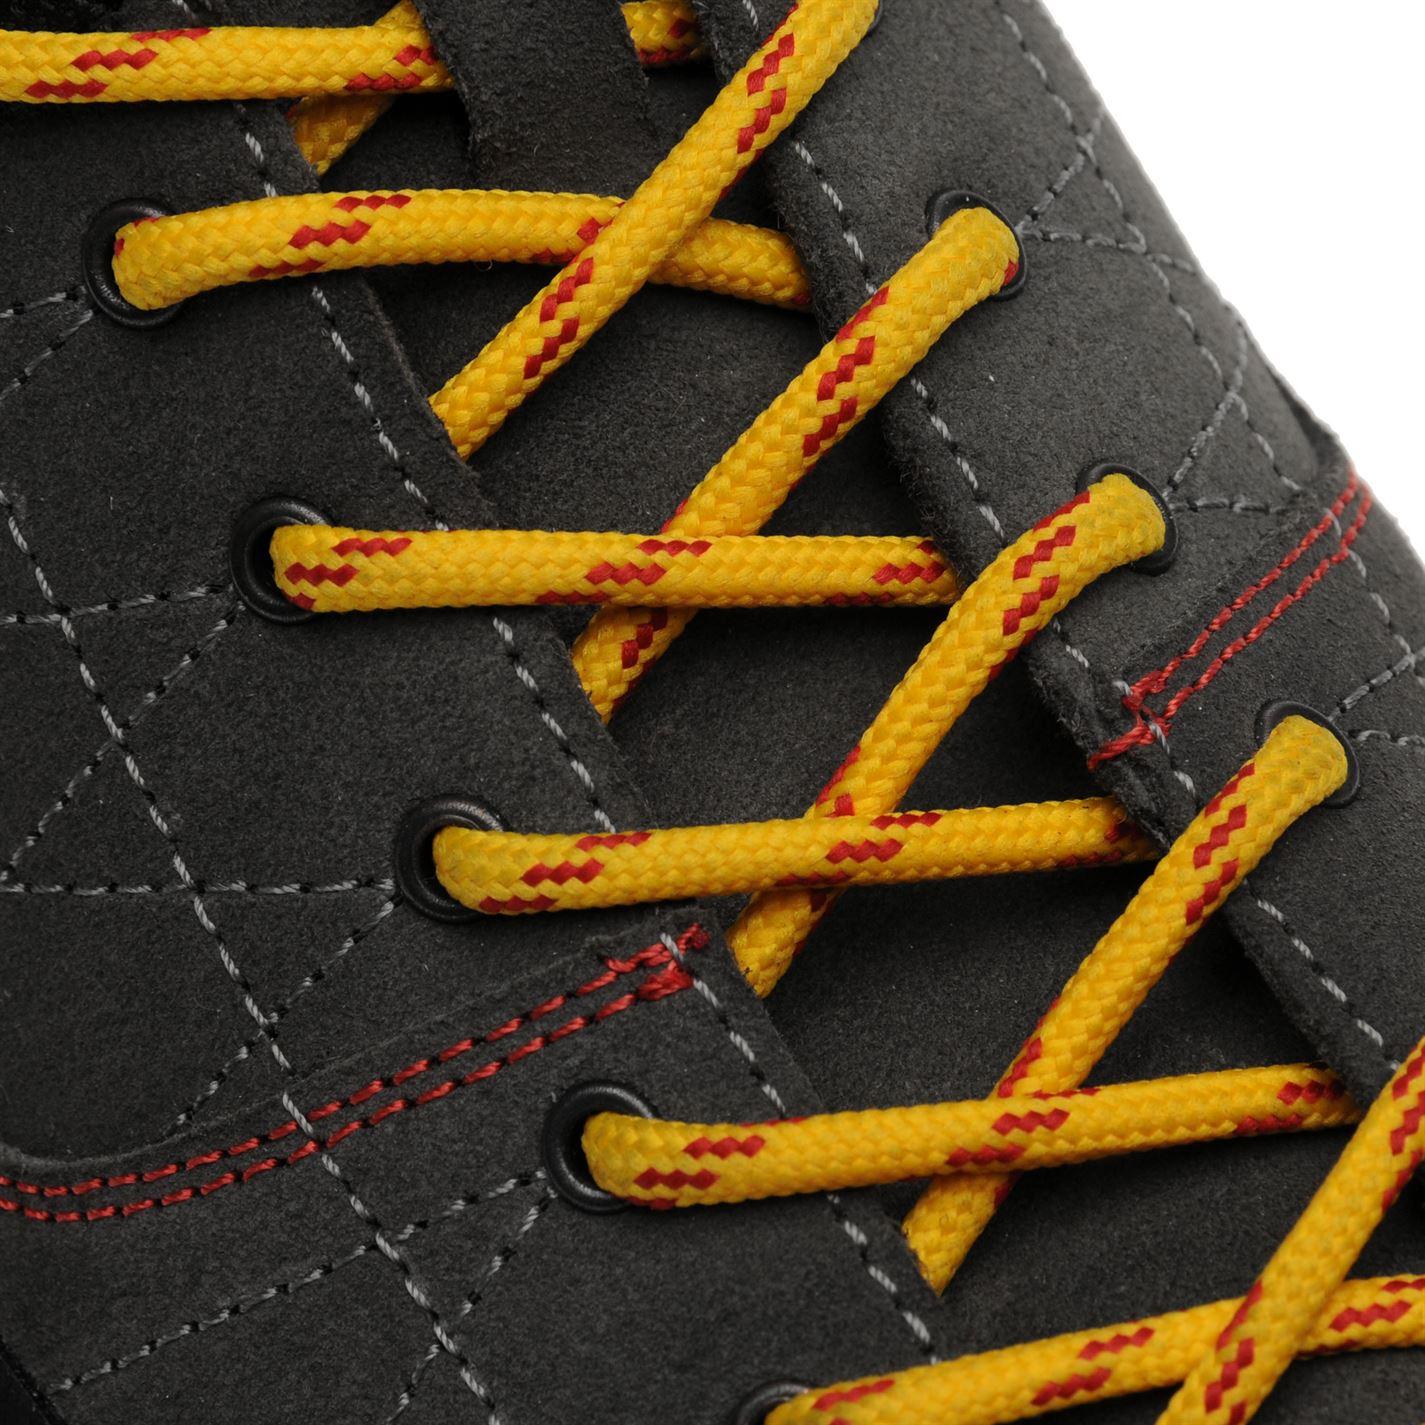 Mens Lacci idrorepellenti Crag Hot Charcoal da fissati Gents Scarpe passeggio giallo Karrimor non RX0gSz